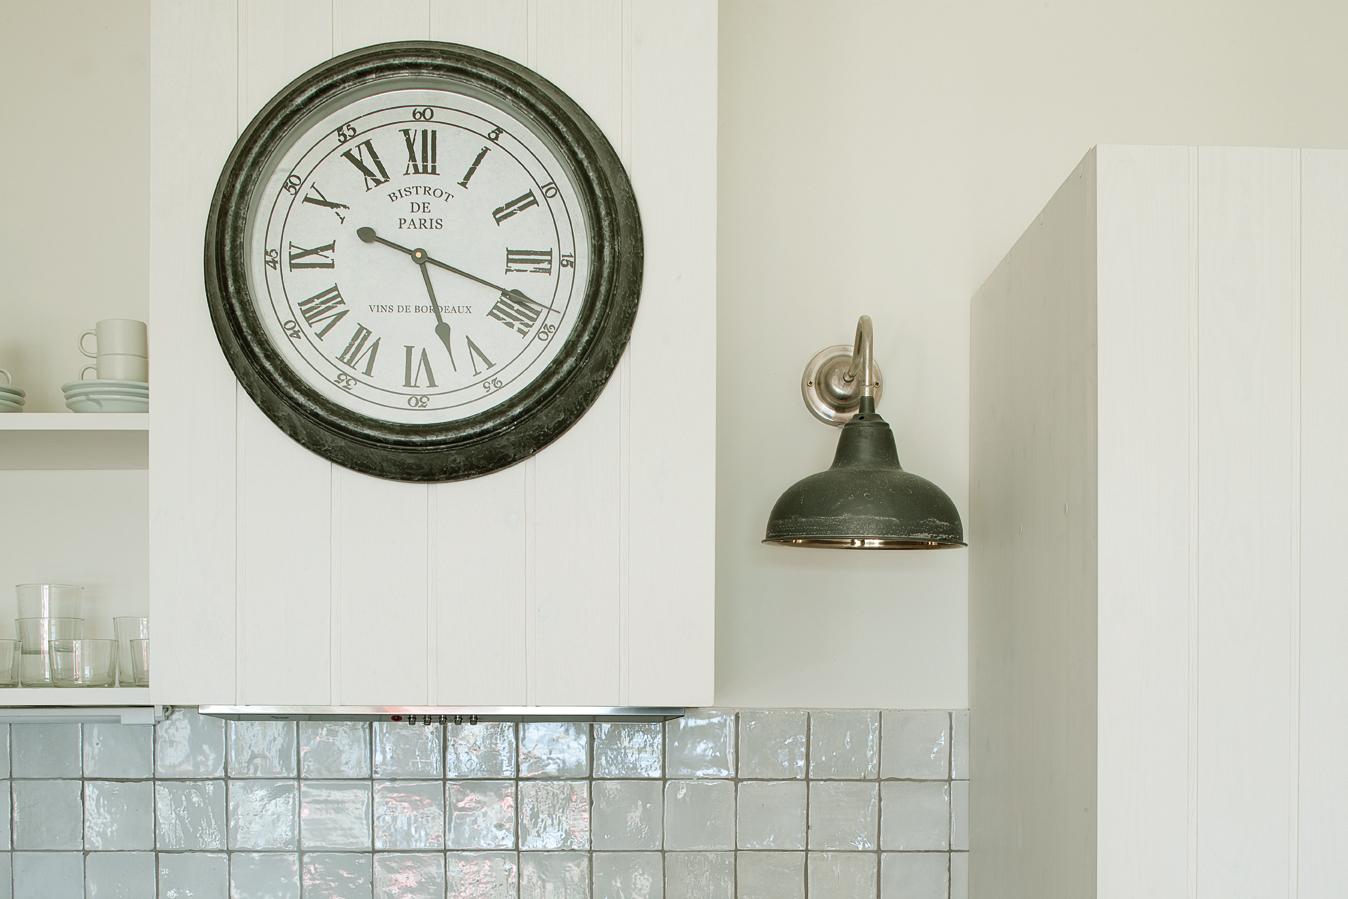 Vista de detalle de la campana de extracción y los estantes de la parte superior de la cocina.